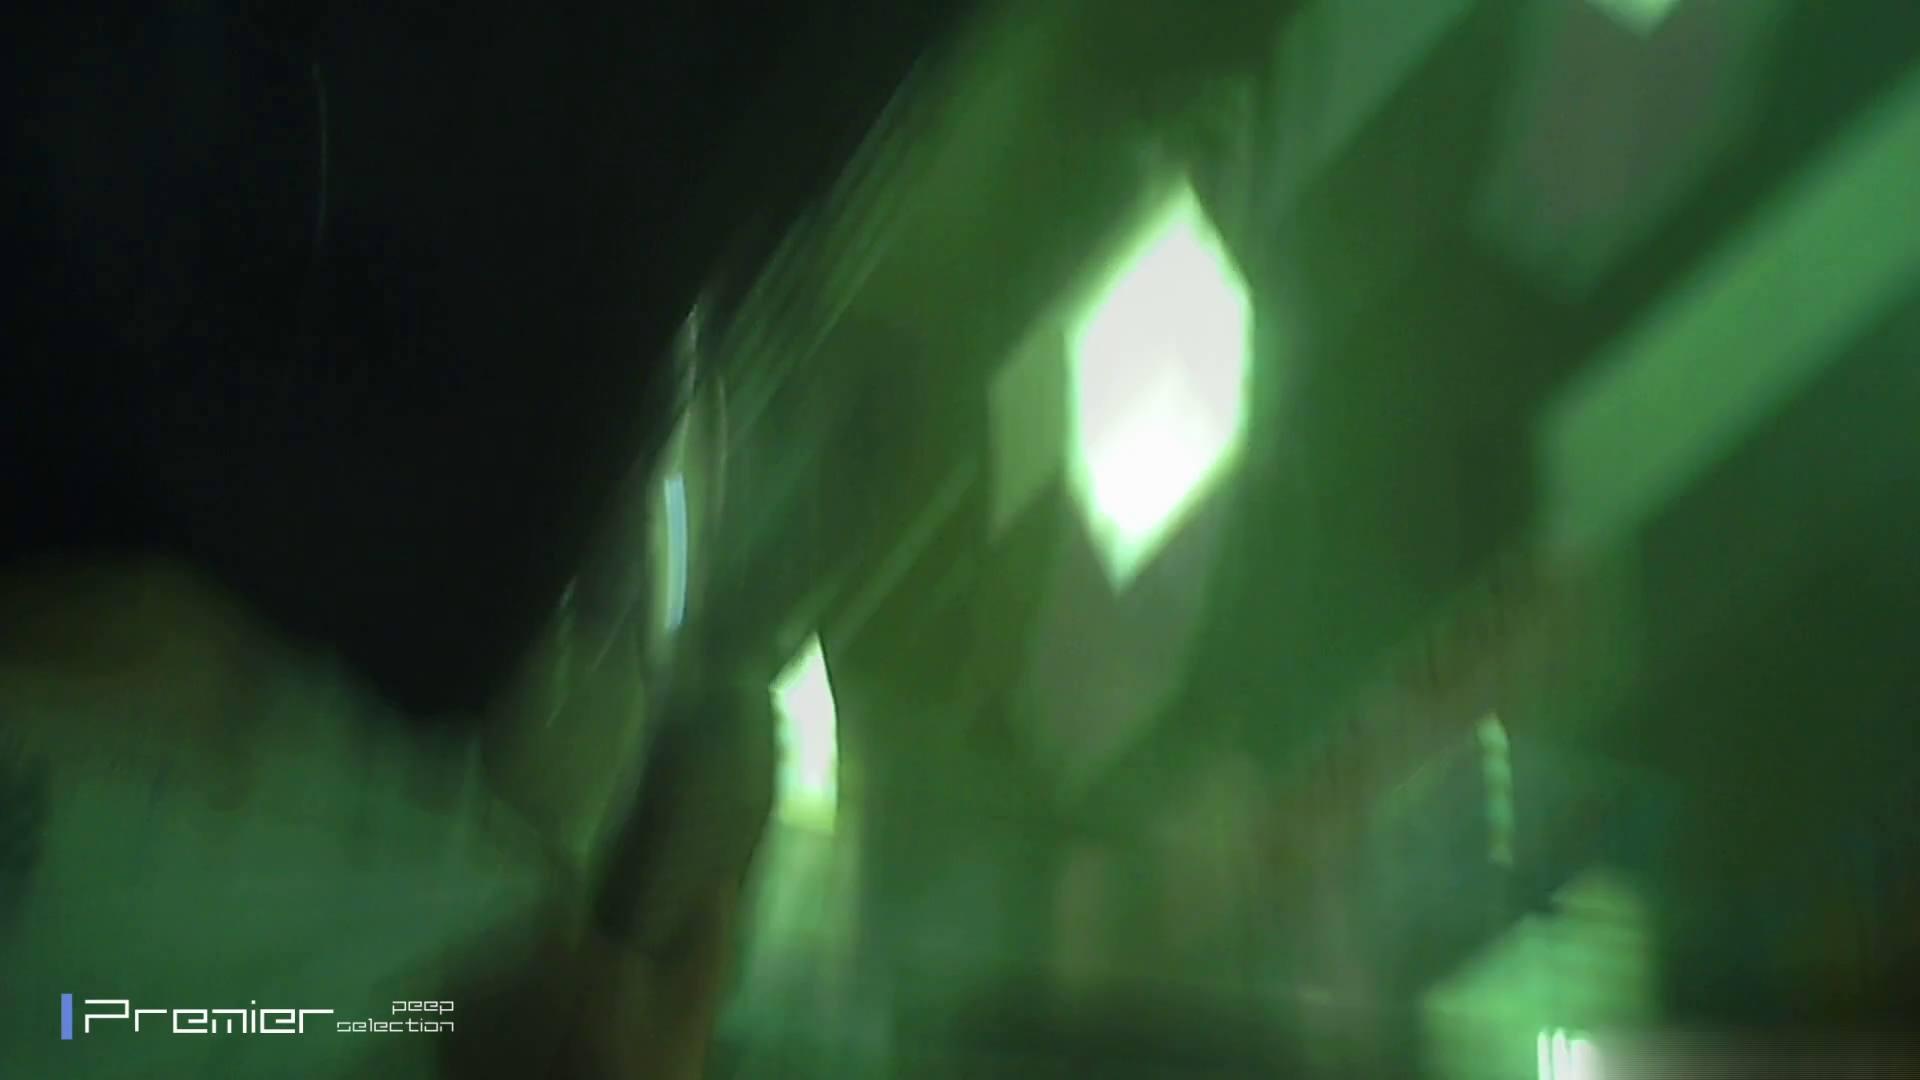 ギャルのパンチラ 美女の痴態に密着!Vol.13 美女 ヌード画像 55pic 29